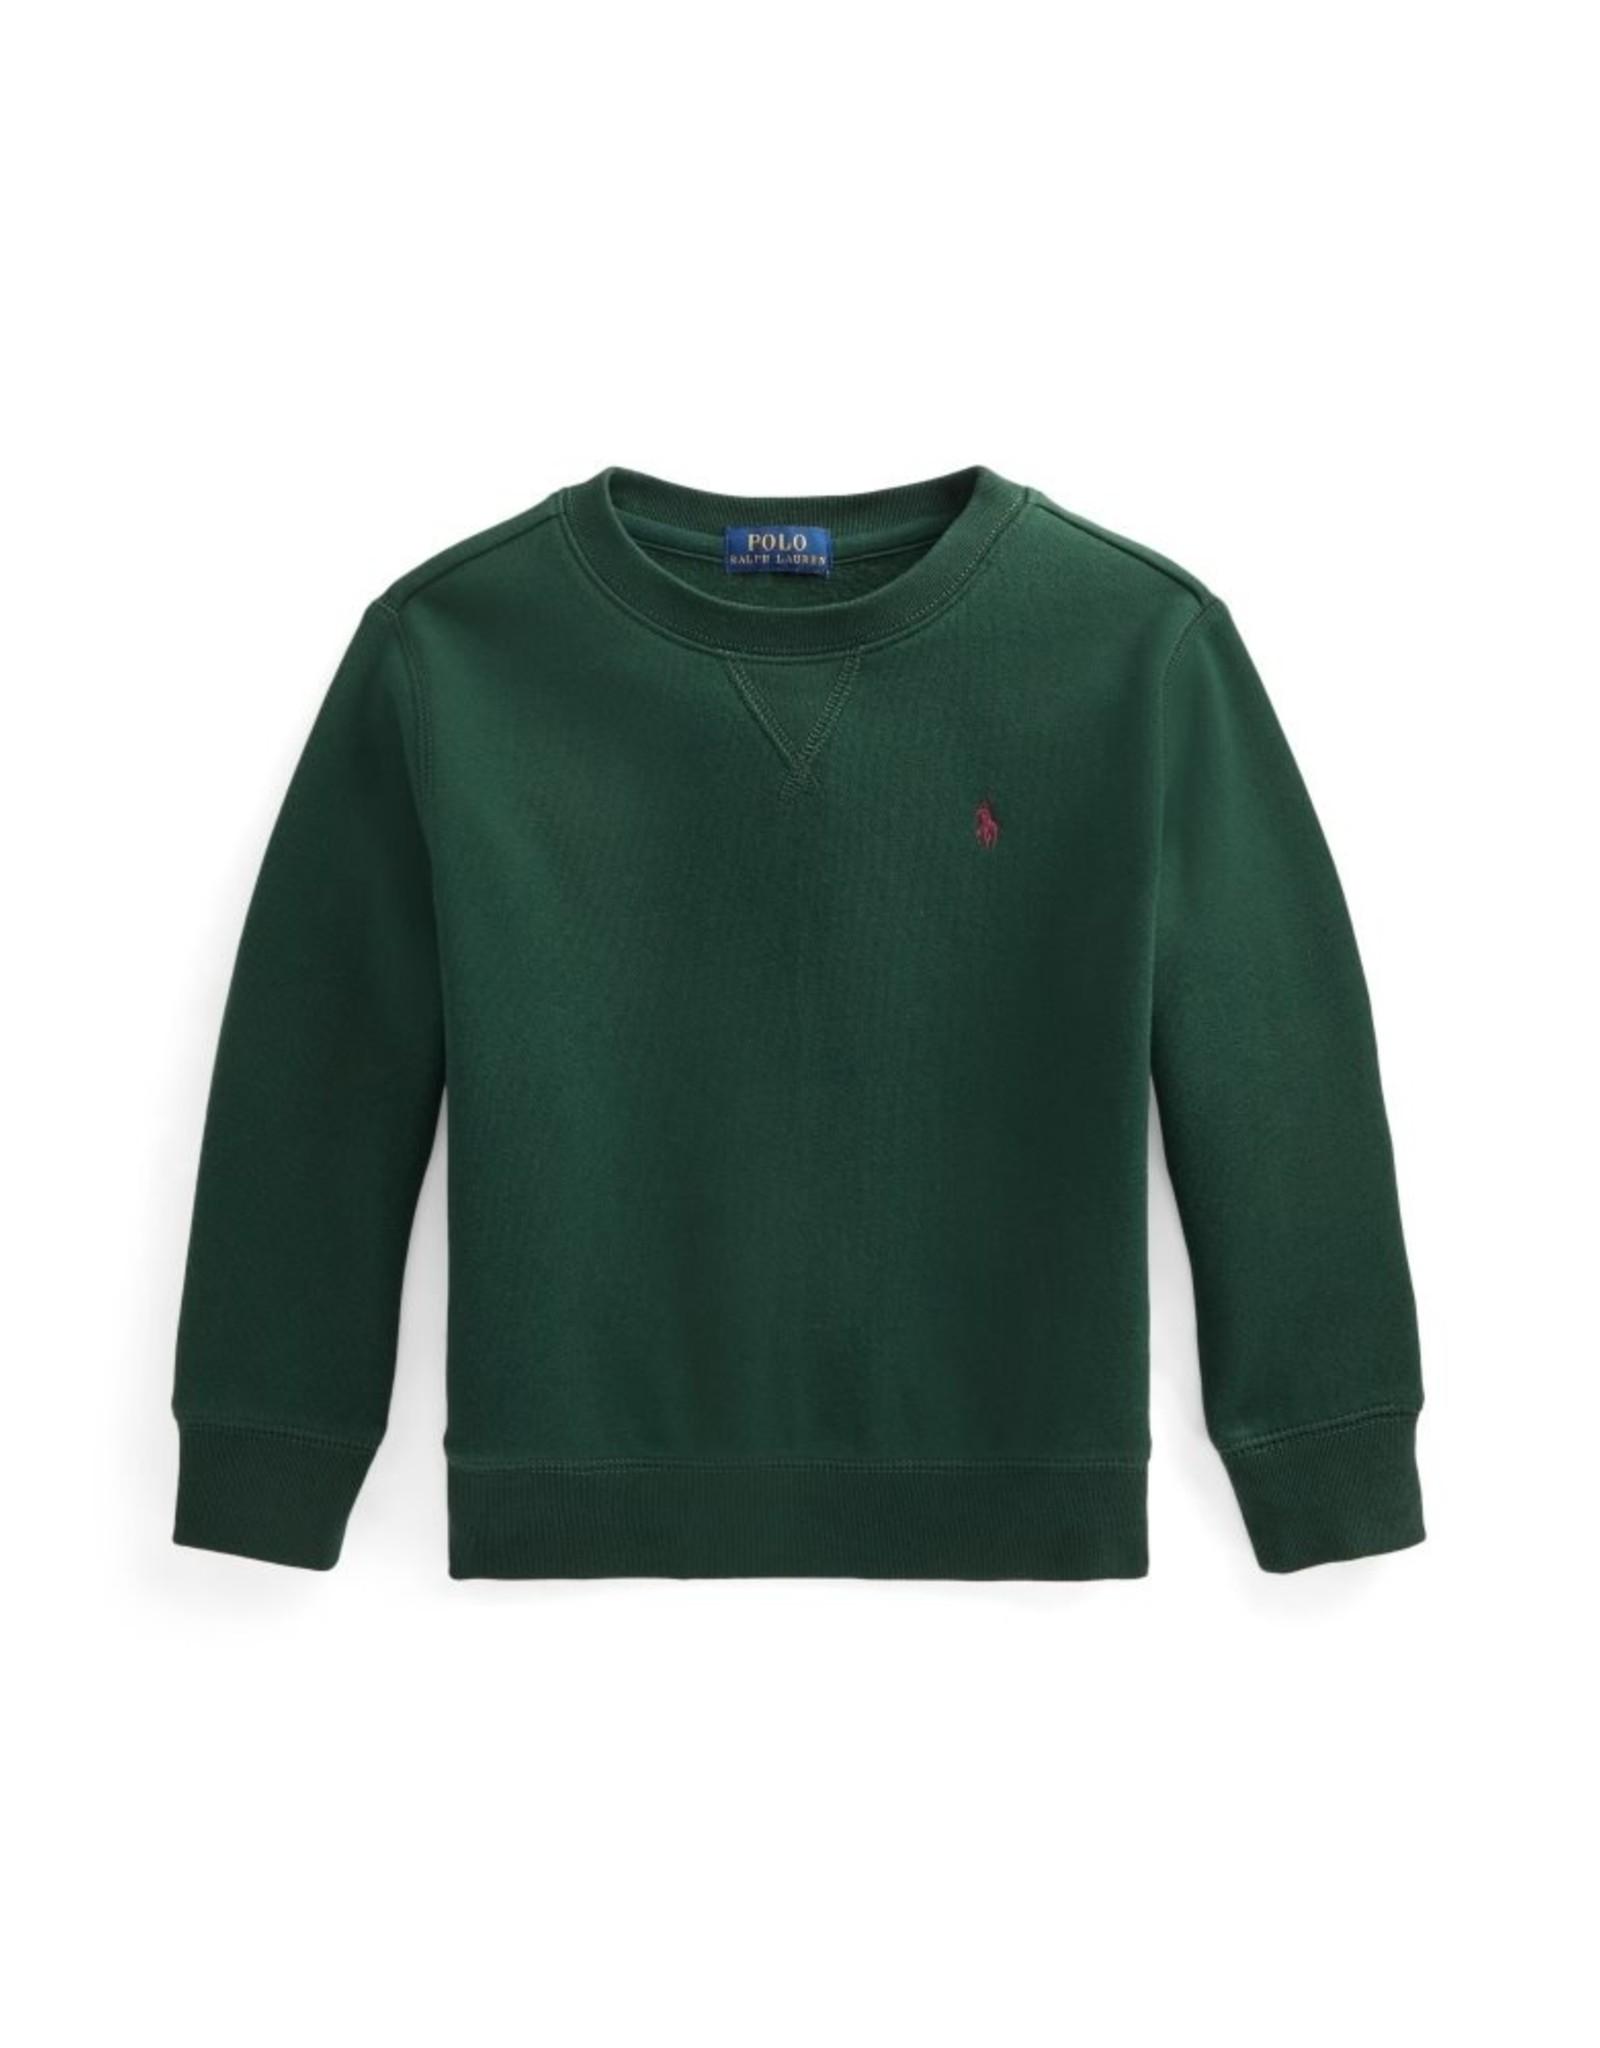 RALPH LAUREN RALPH LAUREN Sweater groen